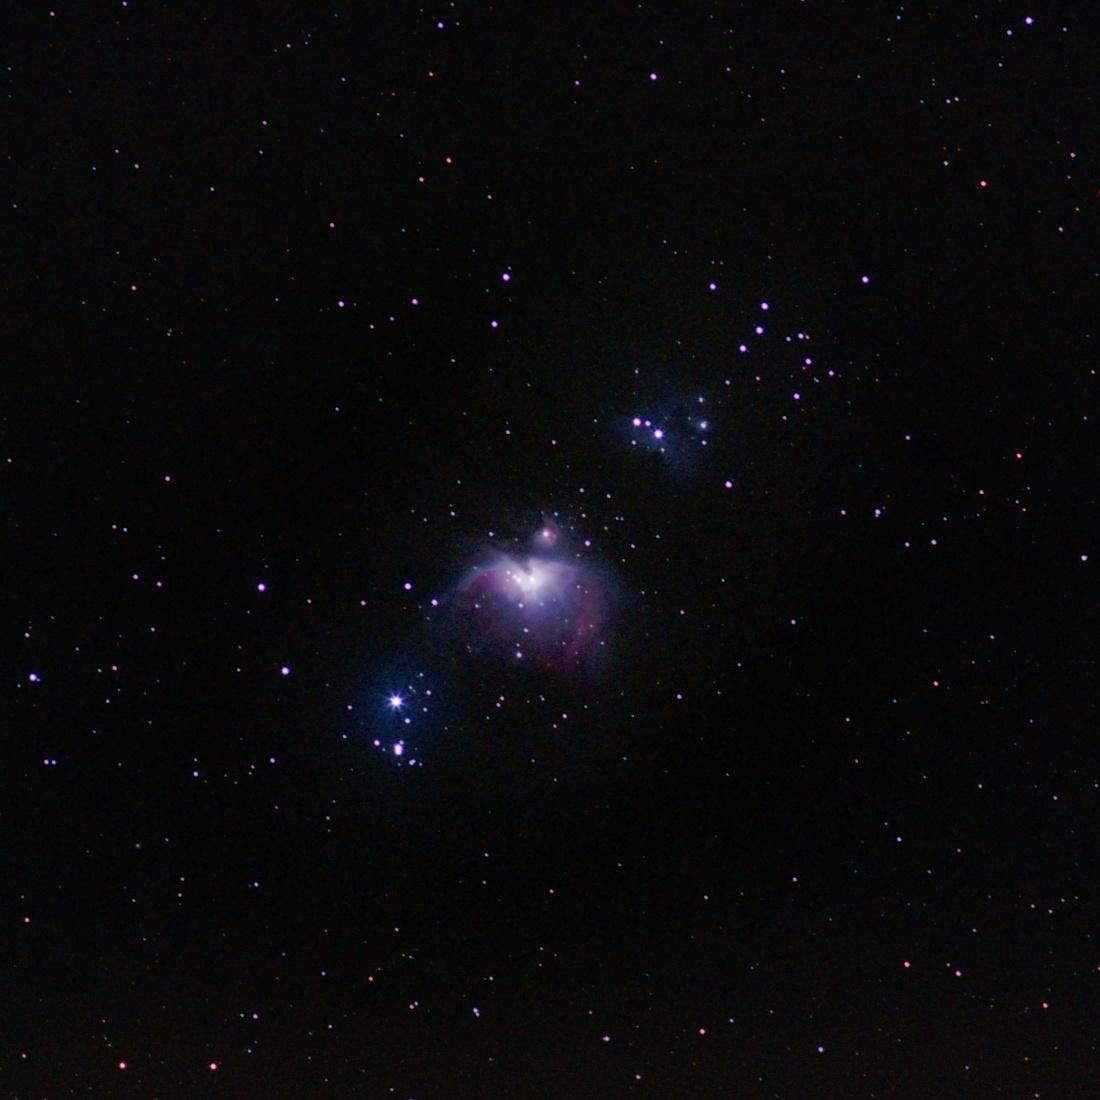 Mglawica_Oriona.jpg.bfd5408703f843edc040a0ea6e4d9845.jpg